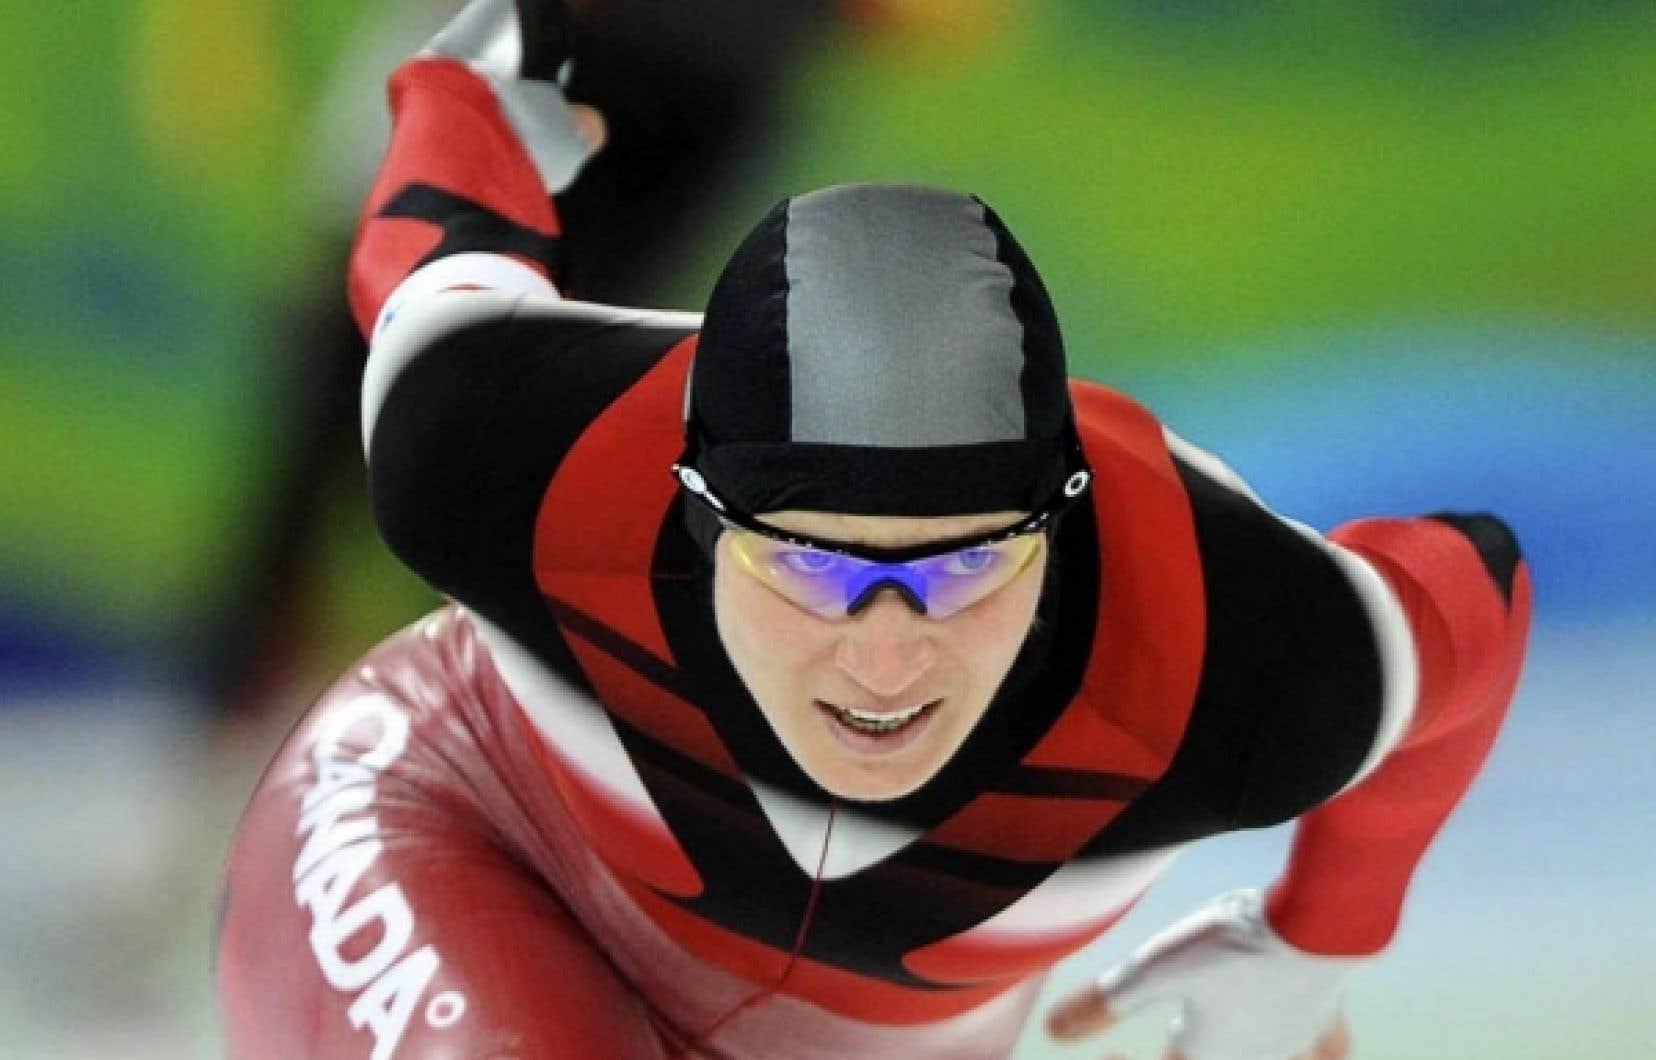 Les experts s'attendaient à deux médailles canadiennes au 1500 m, hier, mais seule Kristina Groves est montée sur le podium en remportant l'argent à l'Anneau olympique de Richmond.